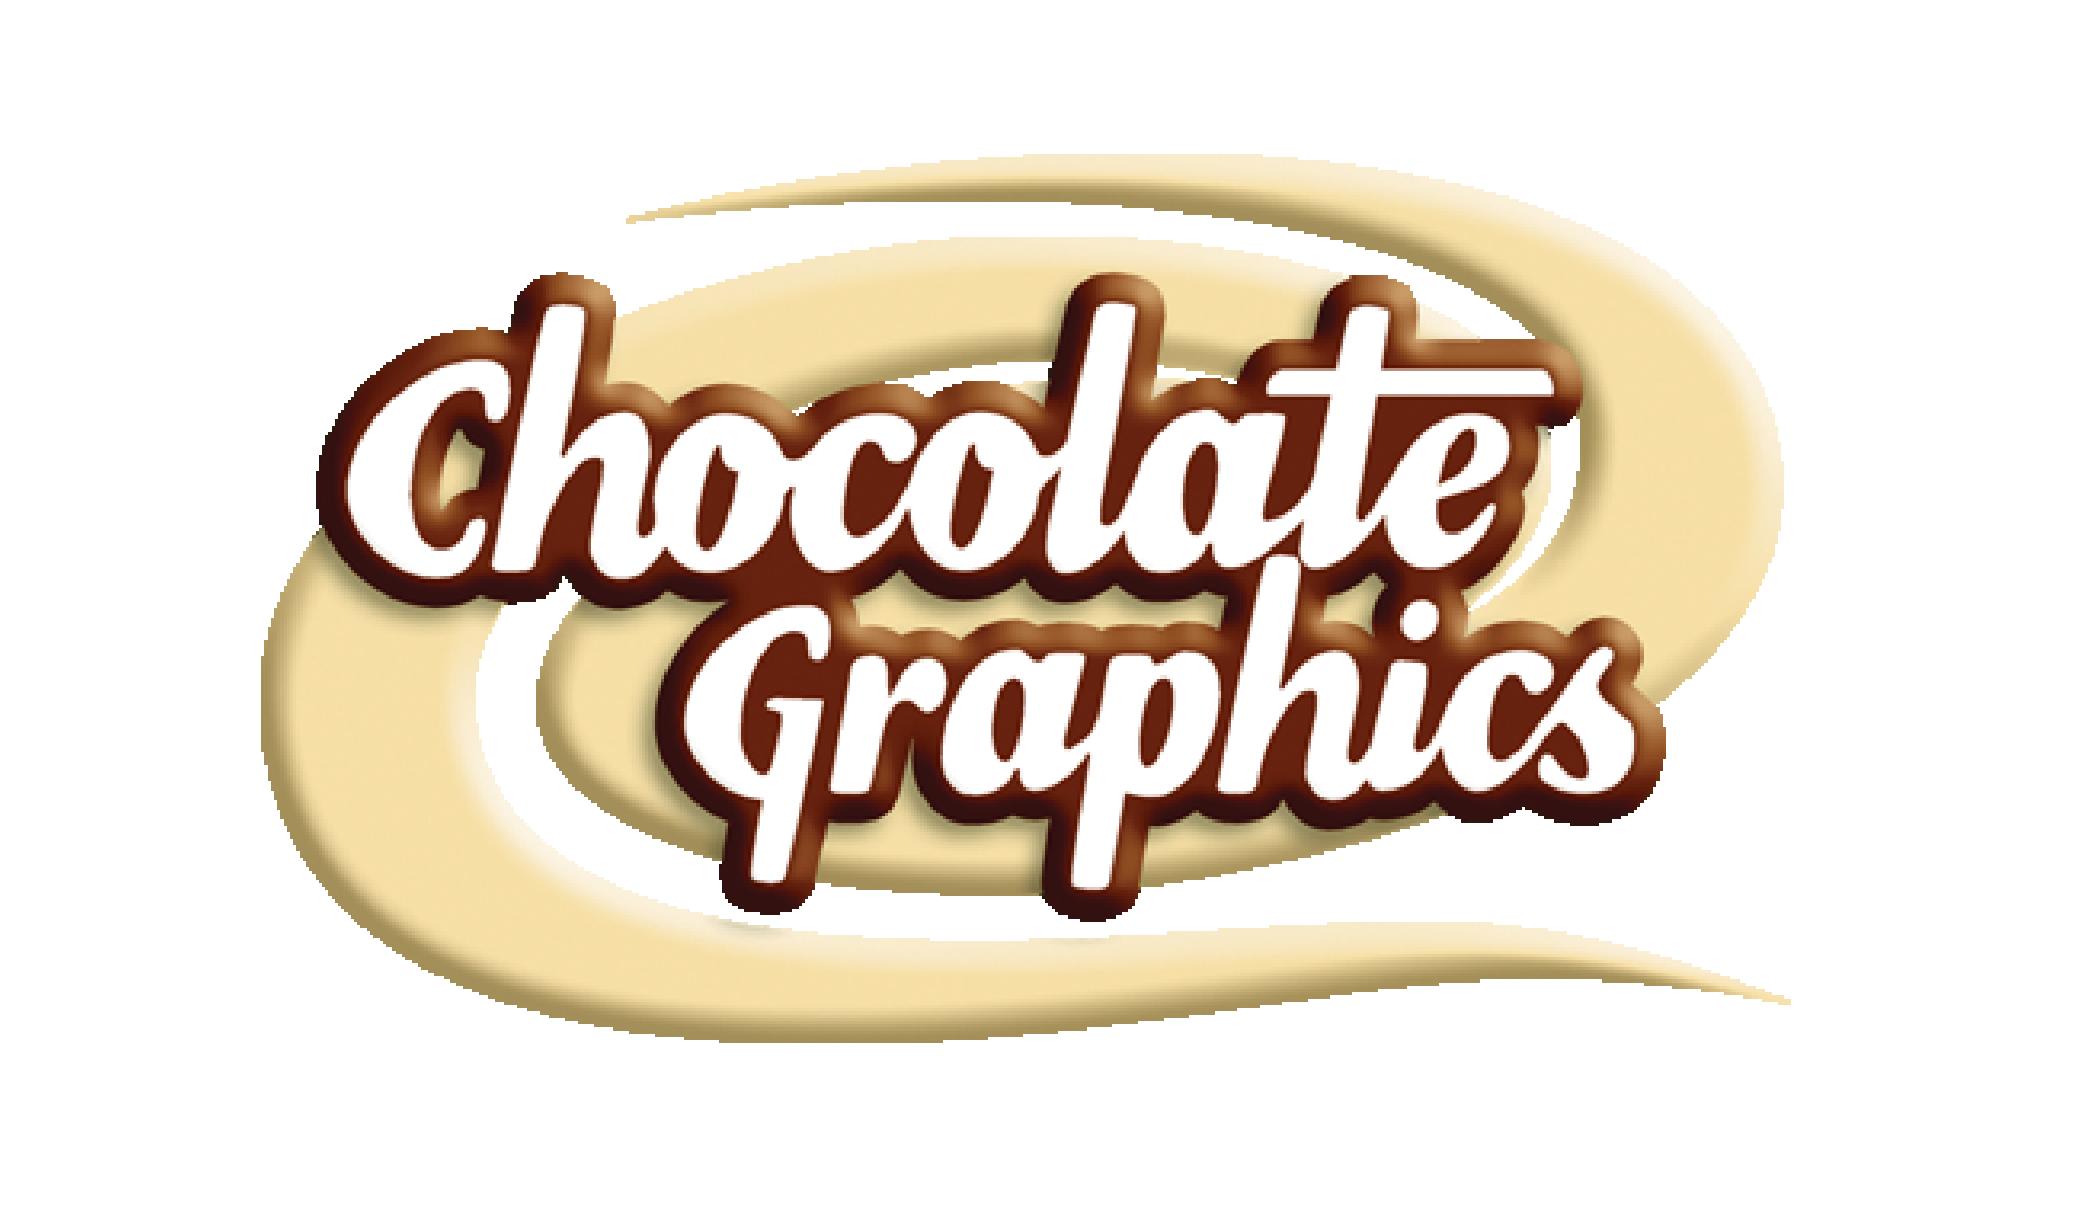 ChocolateGraphics.co.uk